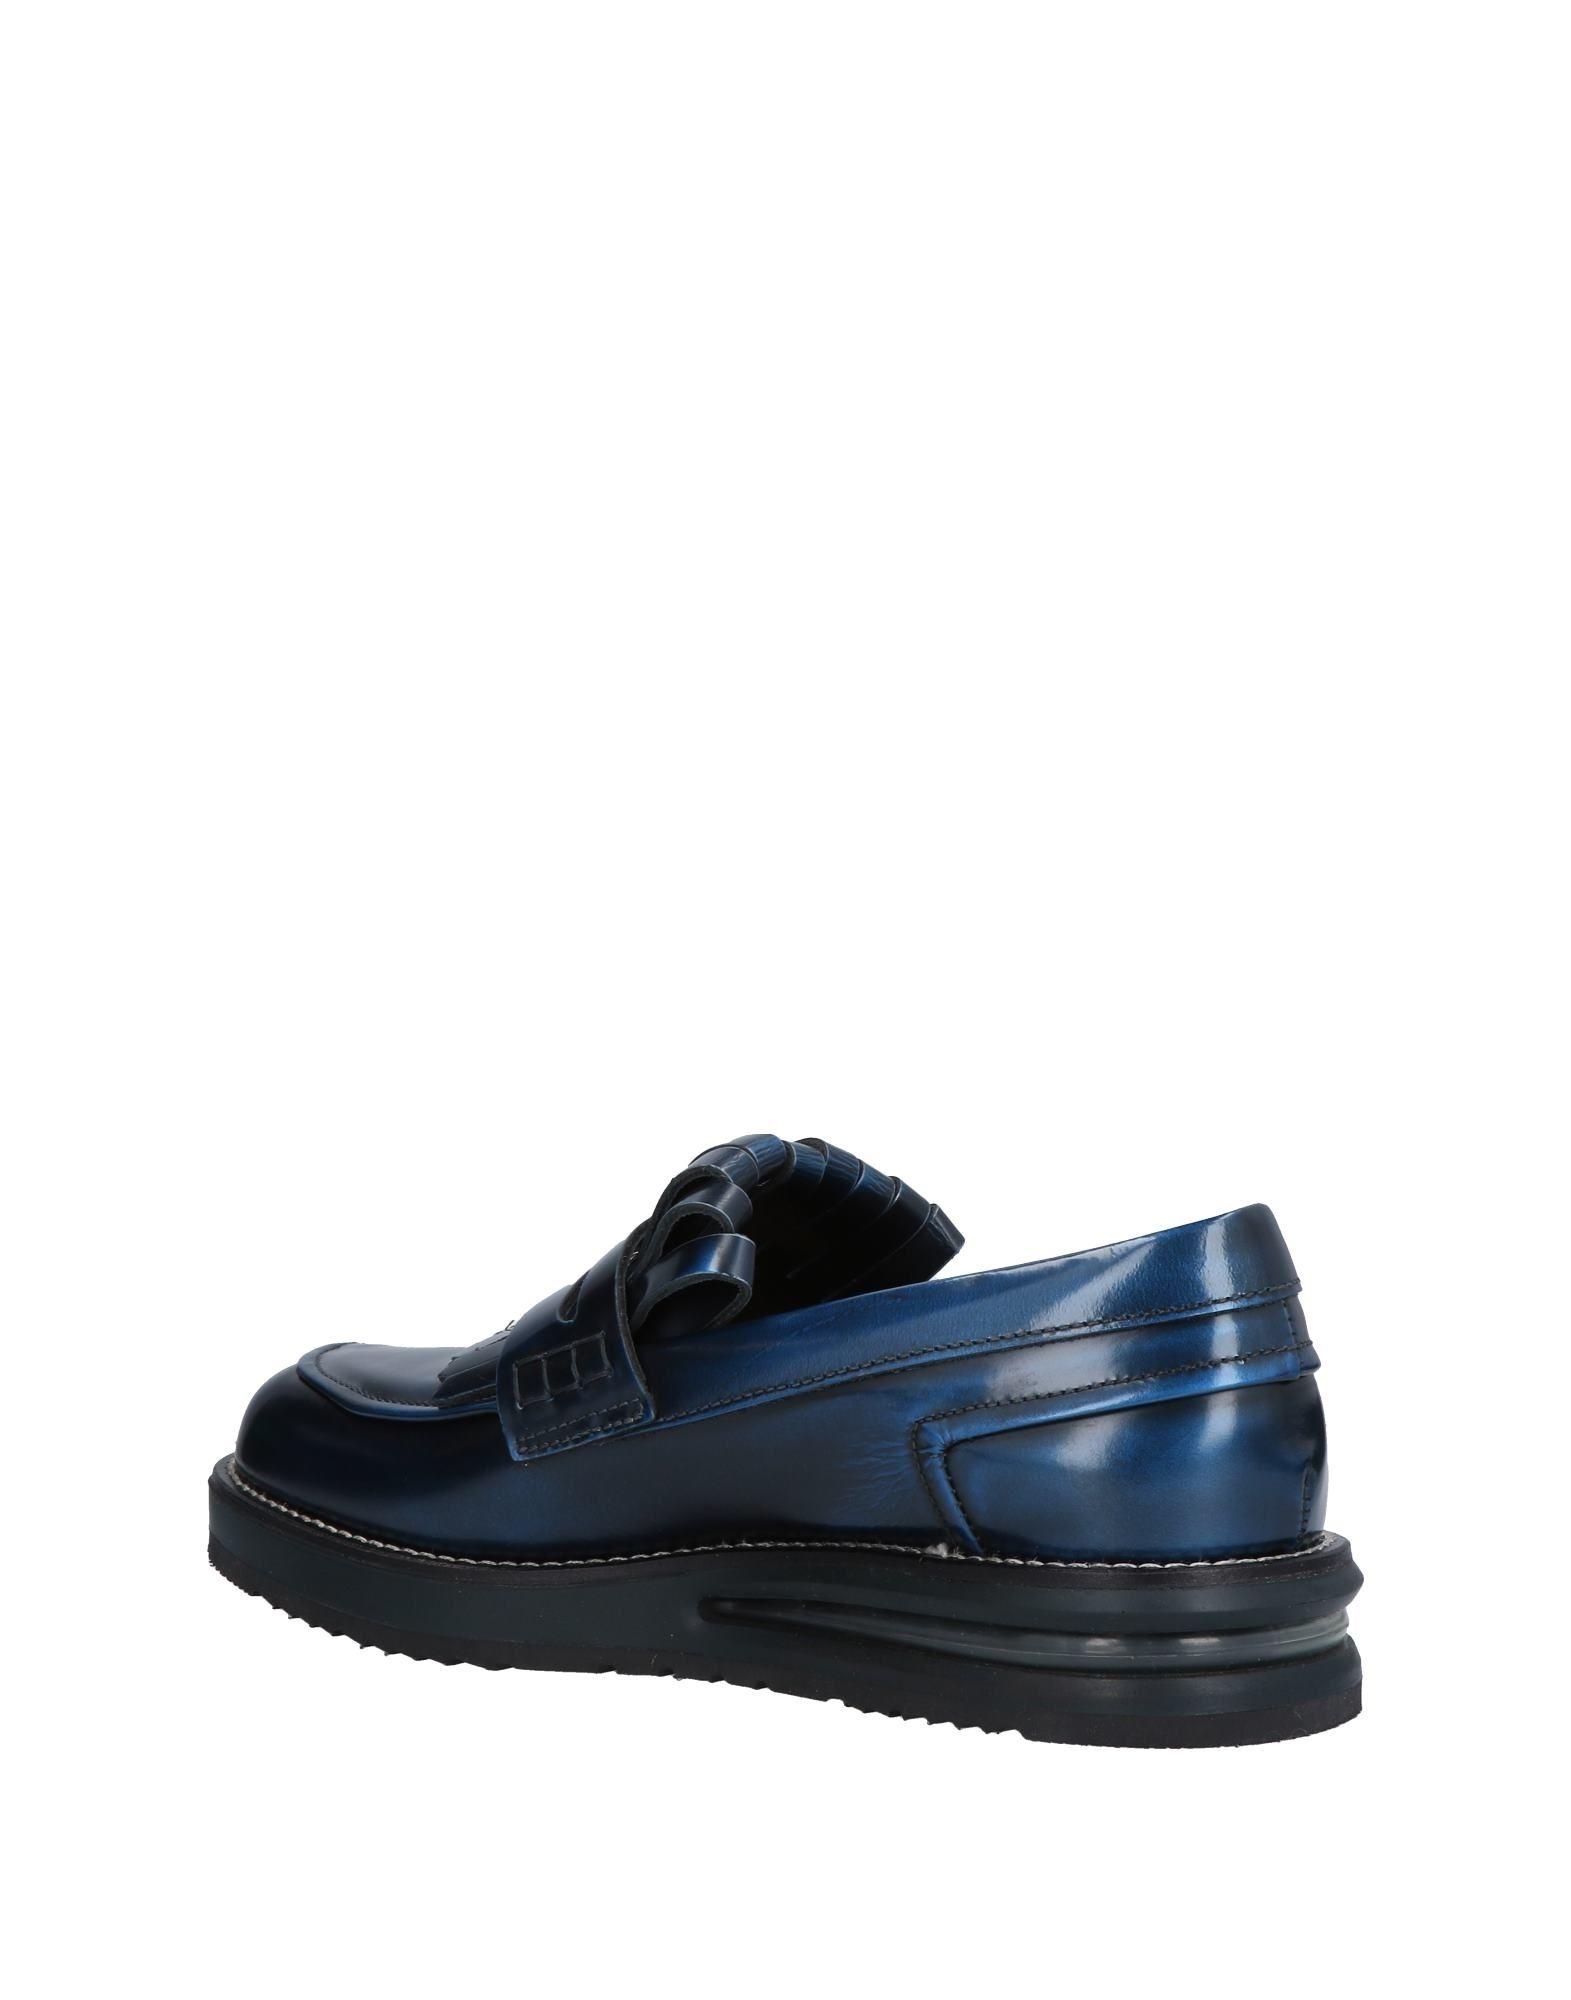 Barleycorn Mokassins Damen  11478830GS Schuhe Gute Qualität beliebte Schuhe 11478830GS 496623